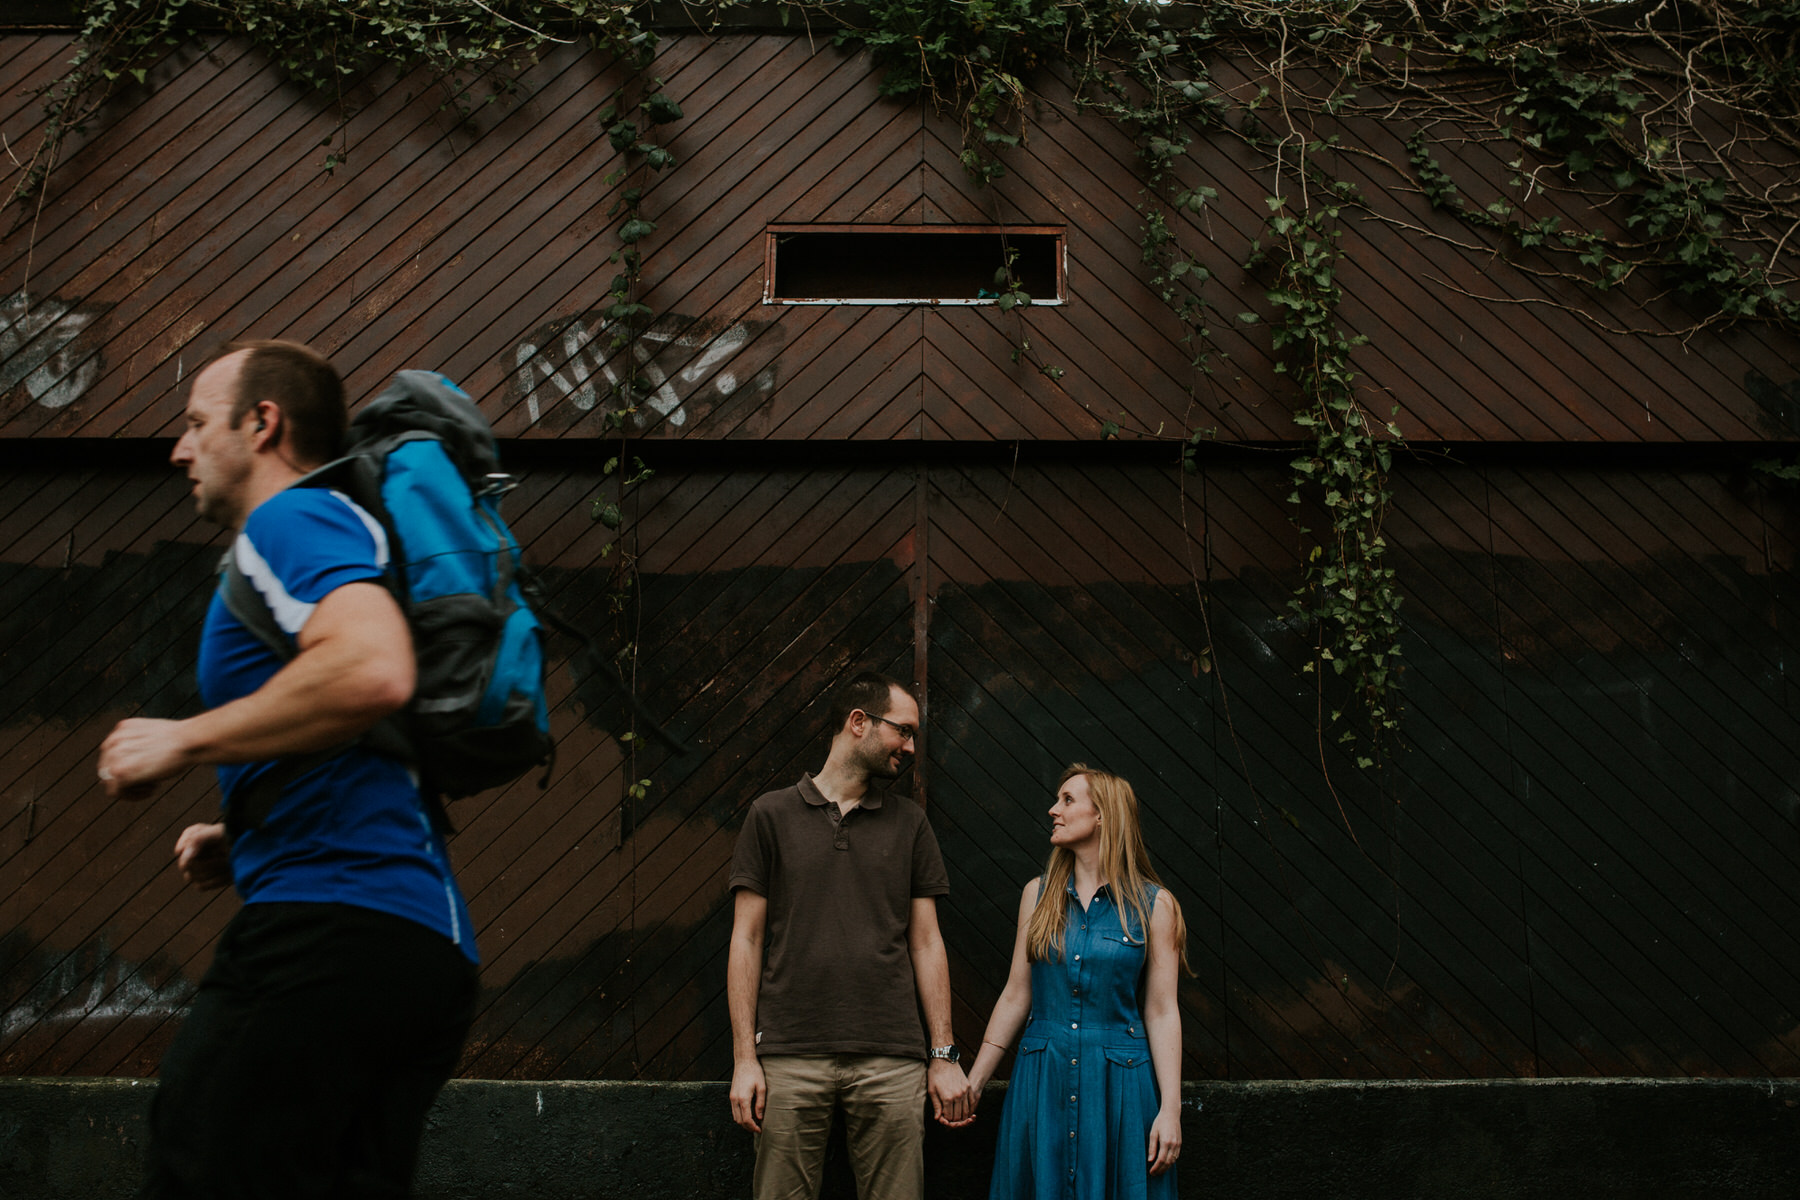 71 runner photobombing couple portrait shoot.jpg